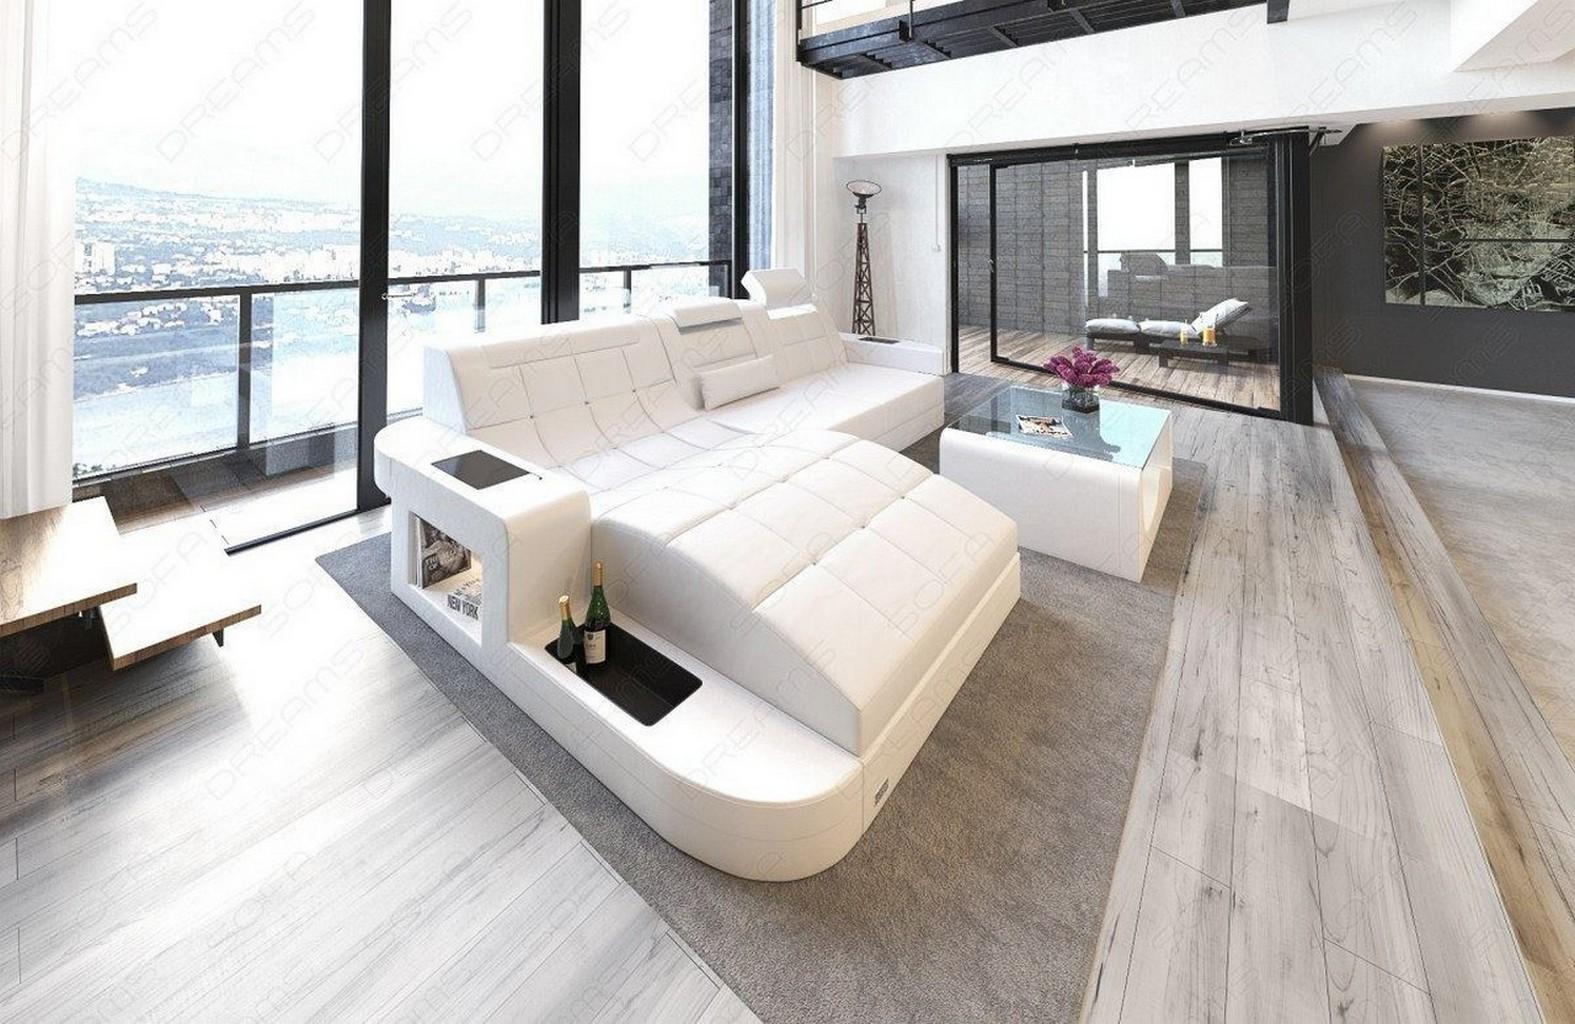 ledersofa luxus design sofa wave l form ottomane led. Black Bedroom Furniture Sets. Home Design Ideas